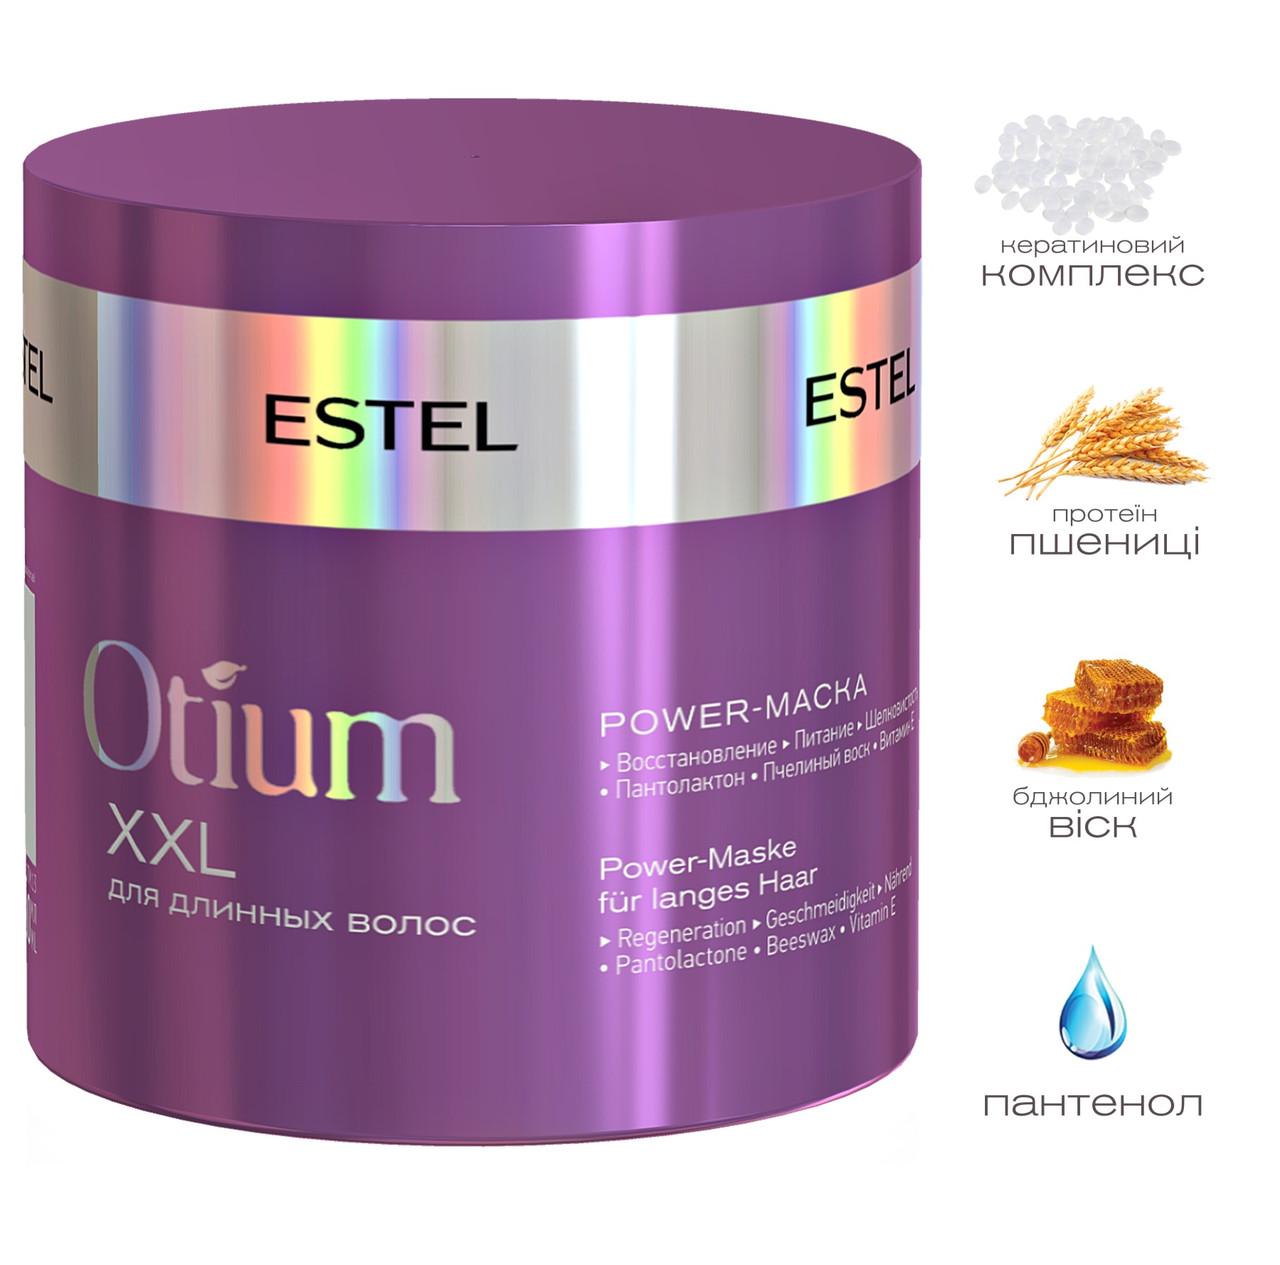 Power-маска для длинных волос Estel Otium XXL